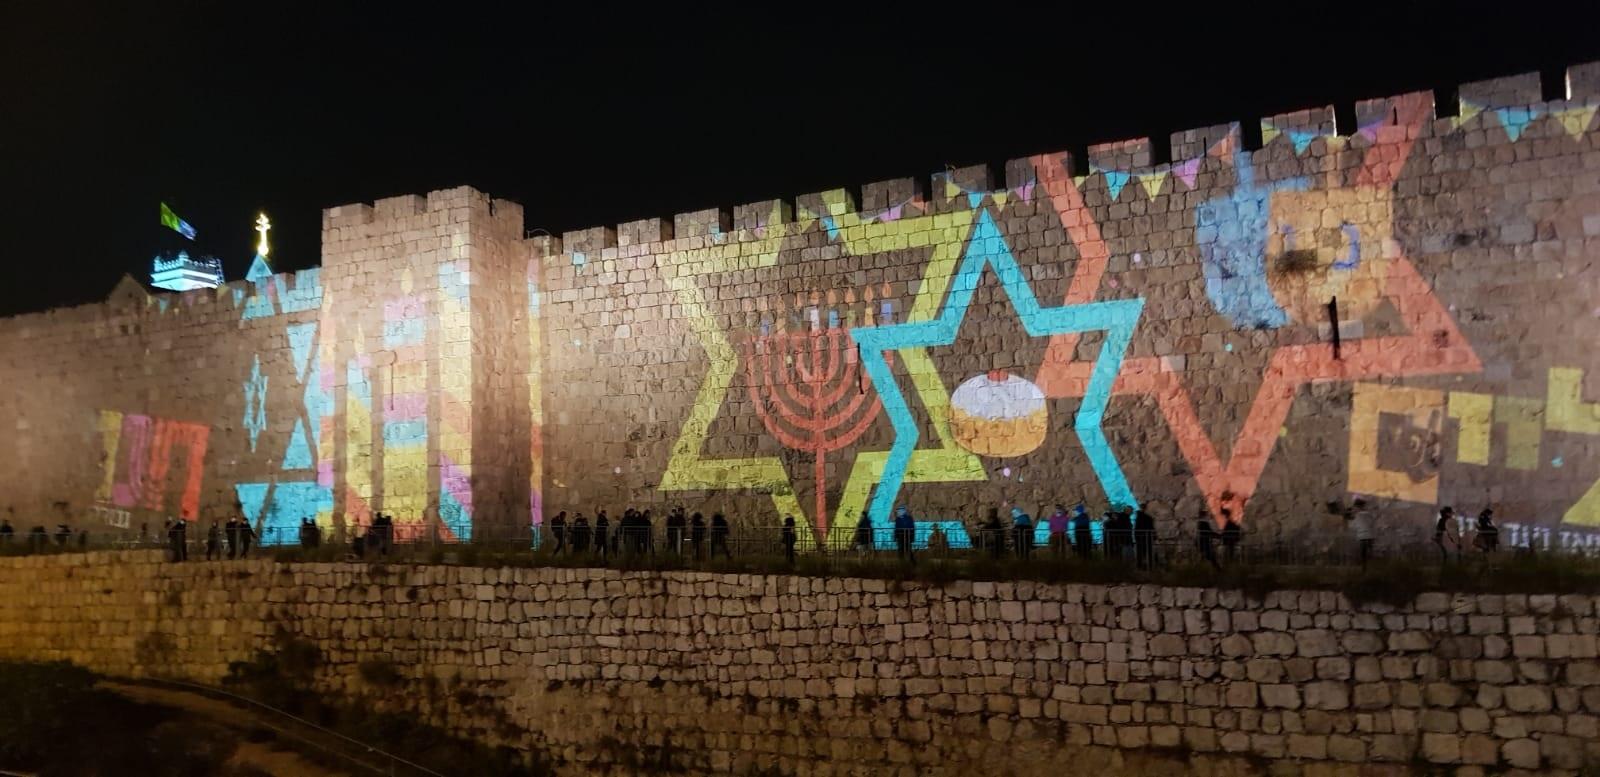 מיצג מרהיב של אלמנטים מחג החנוכה על חומות העיר העתיקה. צילום גלי לויטה ליבוביץ